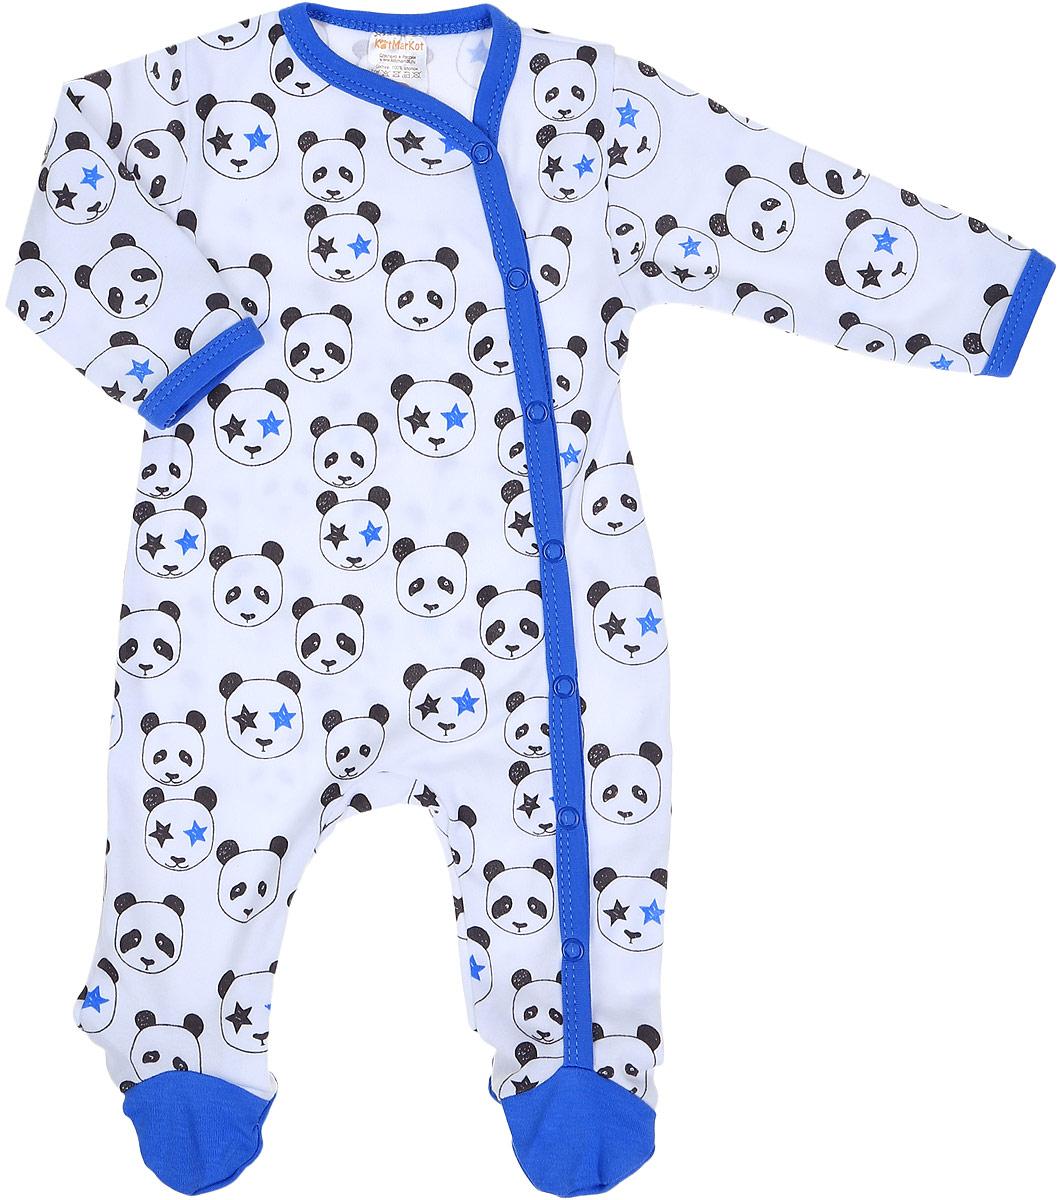 Комбинезон домашний детский КотМарКот Панда Rock, цвет: светло-бежевый, синий. 6324. Размер 746324Удобный домашний комбинезон с закрытыми ножками КотМарКот Панда Rock изготовлен из интерлока и оформлен принтом с изображением панд. Материал изделия мягкий и тактильно приятный, не раздражает нежную кожу ребенка и хорошо пропускает воздух. Модель с длинными рукавами имеет удобные застежки-кнопки спереди и на одной ножке, что позволит легко переодеть ребенка или сменить подгузник. Круглый вырез горловины дополнен мягкой эластичной бейкой контрастного цвета. Изделие полностью соответствует особенностям жизни ребенка в ранний период, не стесняя и не ограничивая его в движениях.